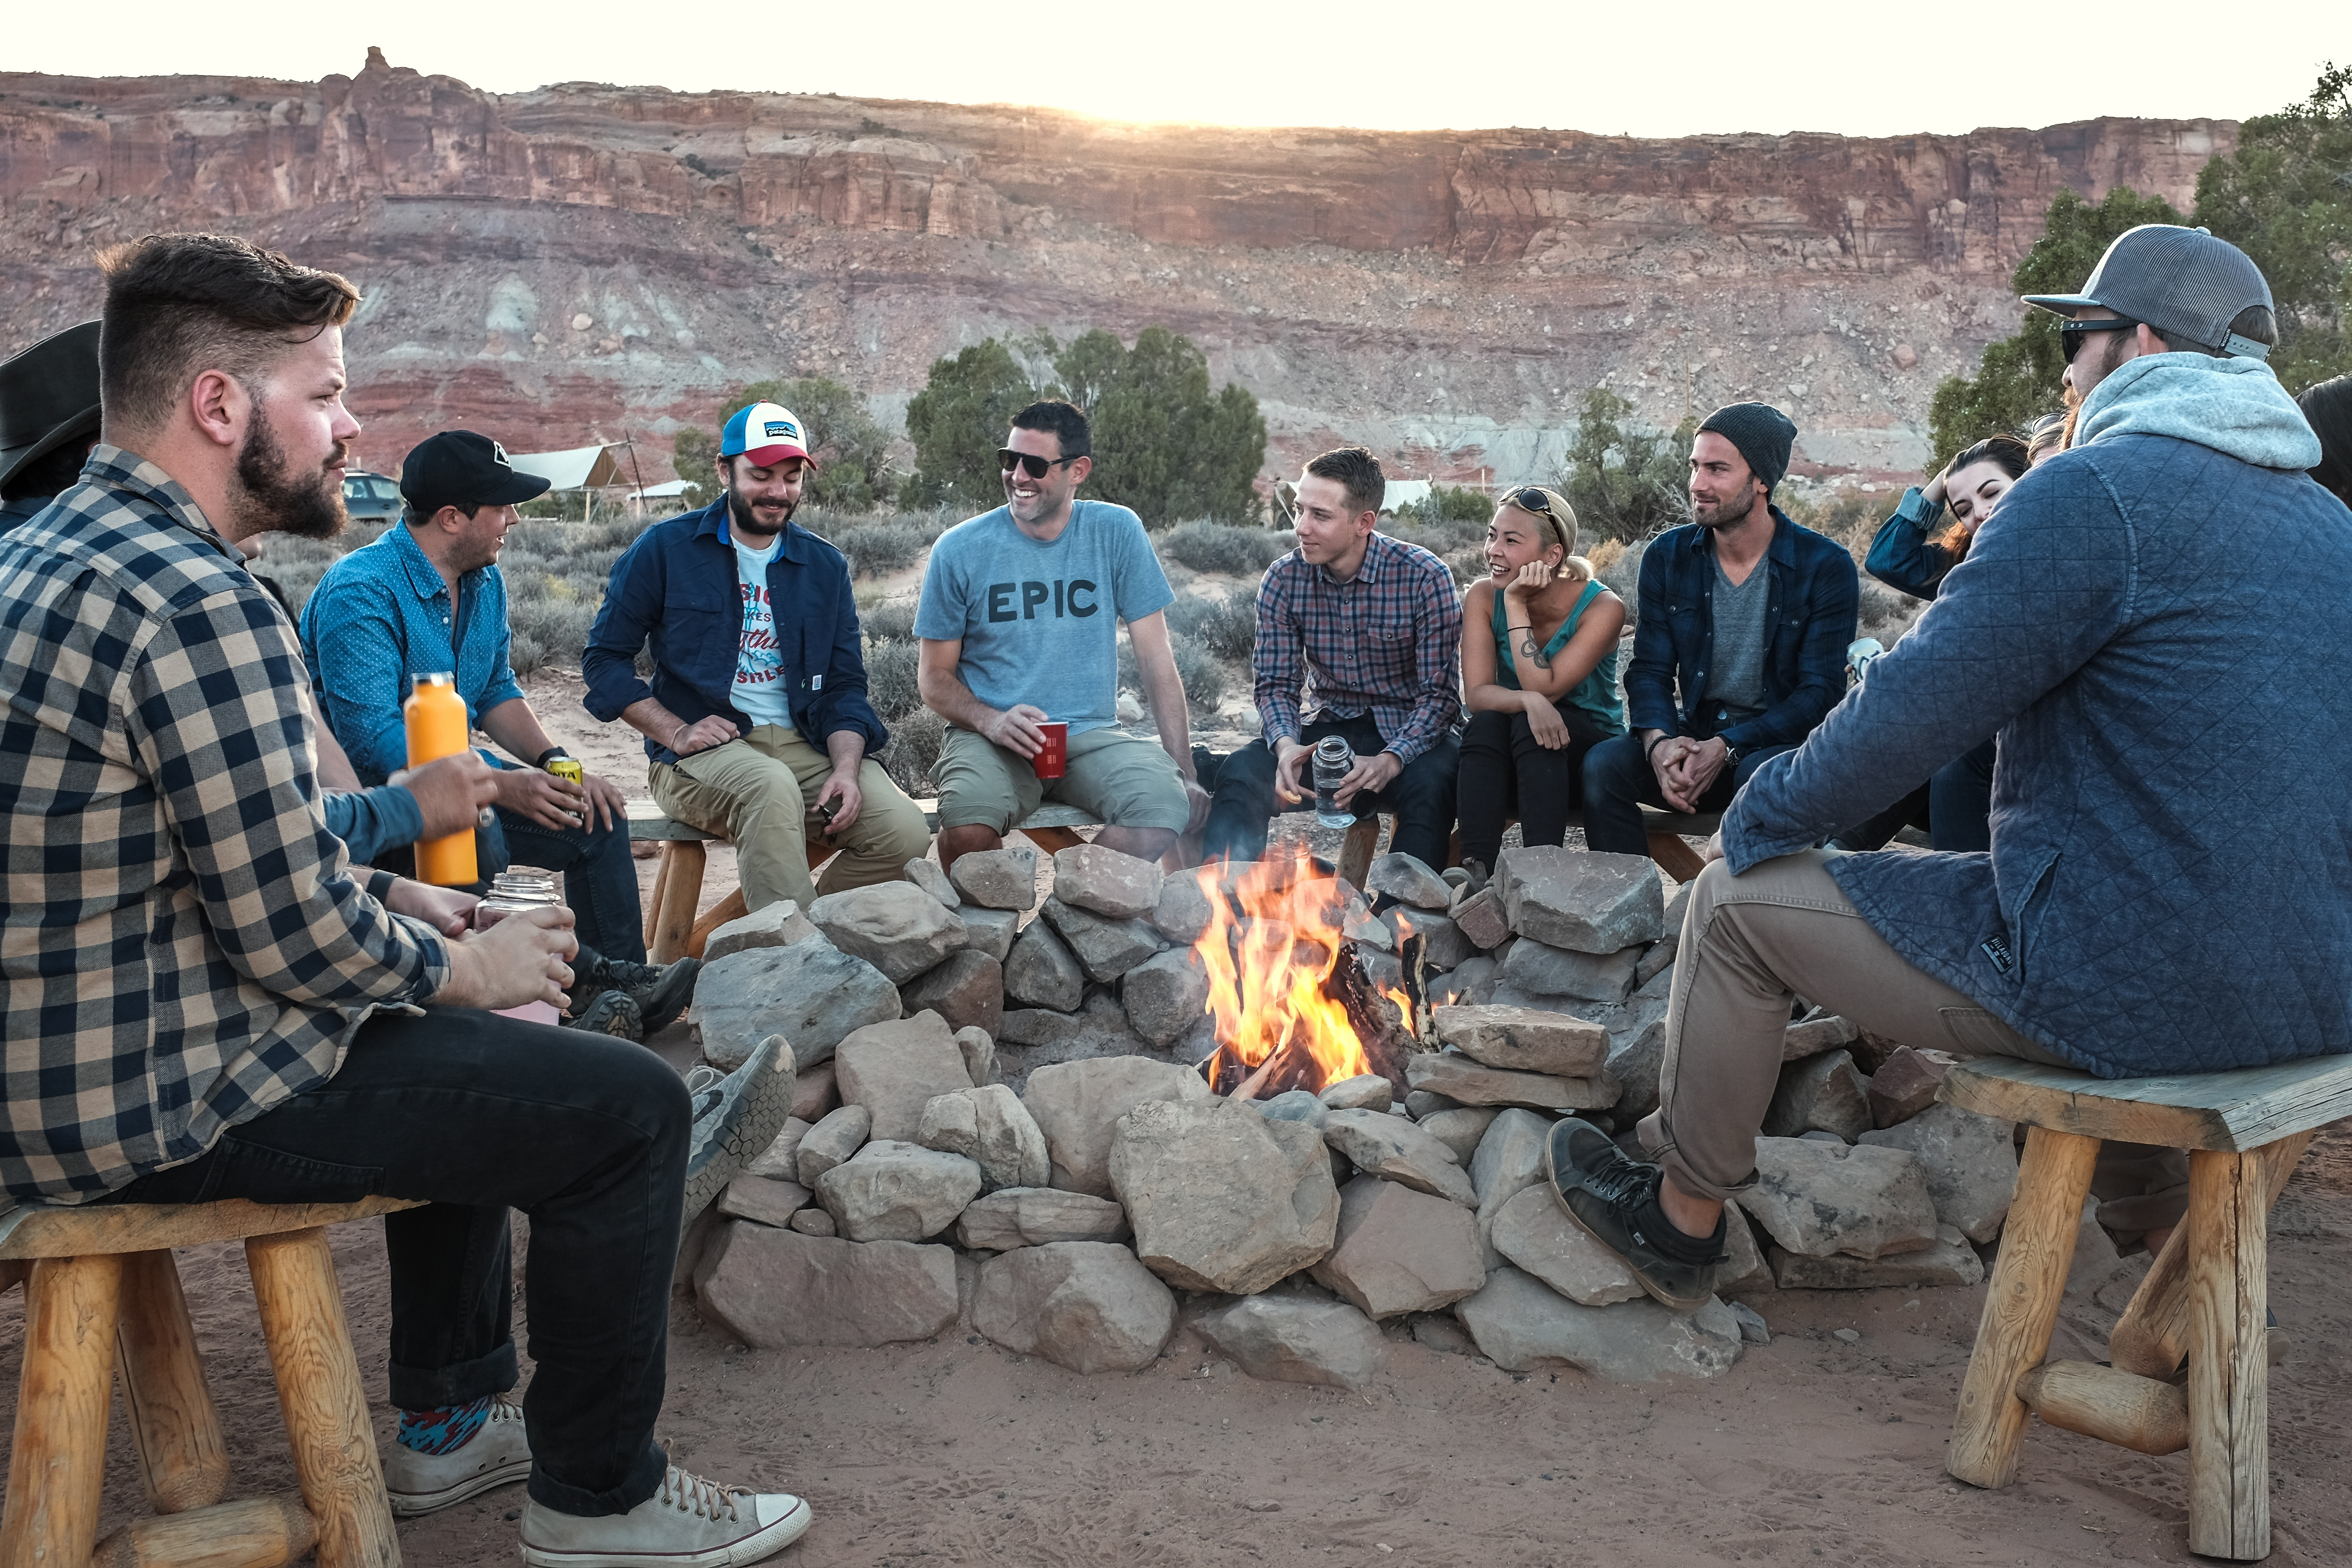 camping ontario, weekend getaway